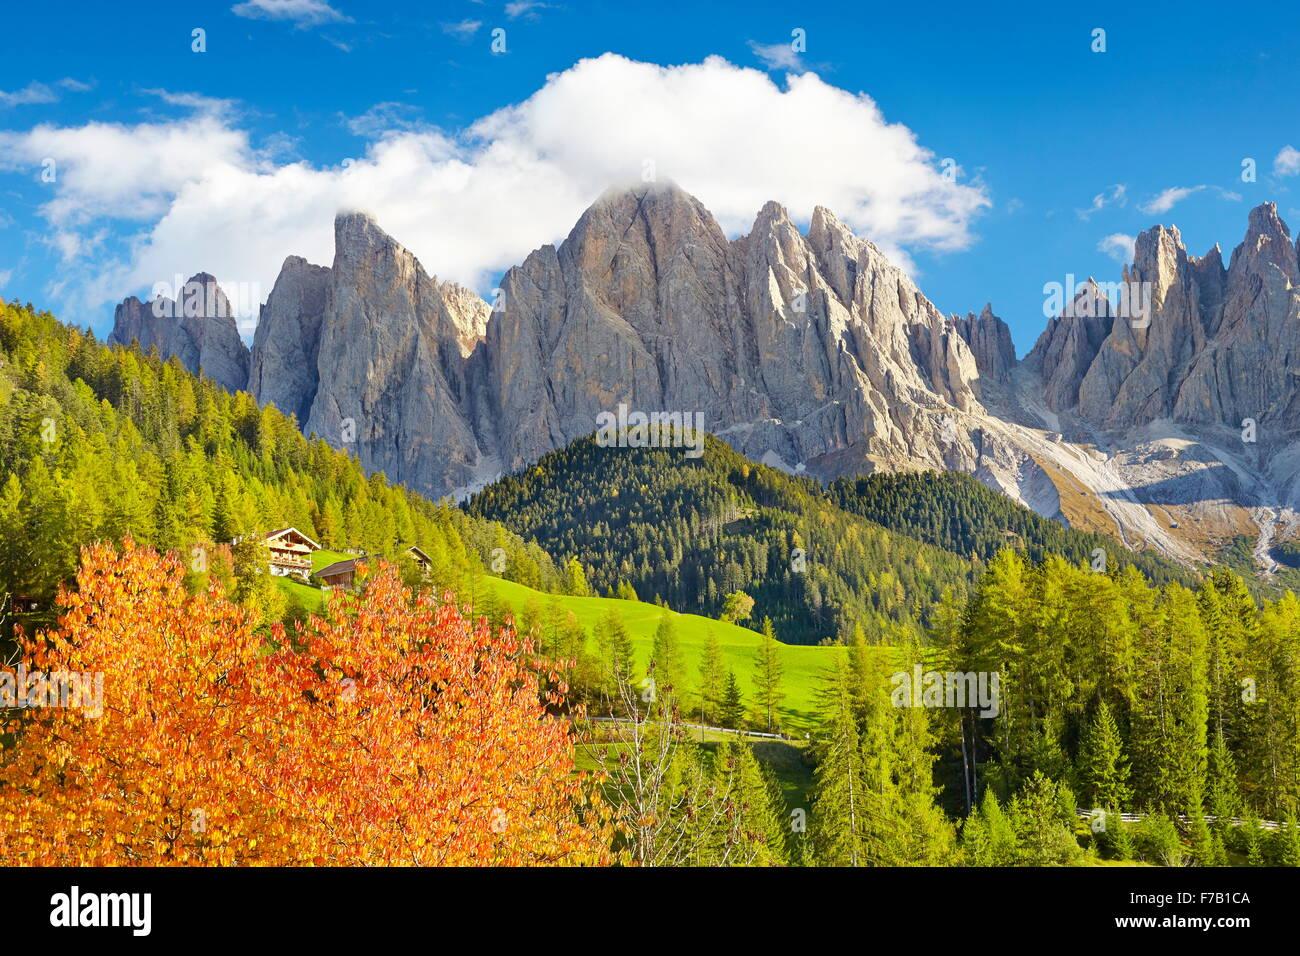 Los paisajes de las montañas Dolomitas en otoño, provincia de Tirol, Alpes, Italia Foto de stock